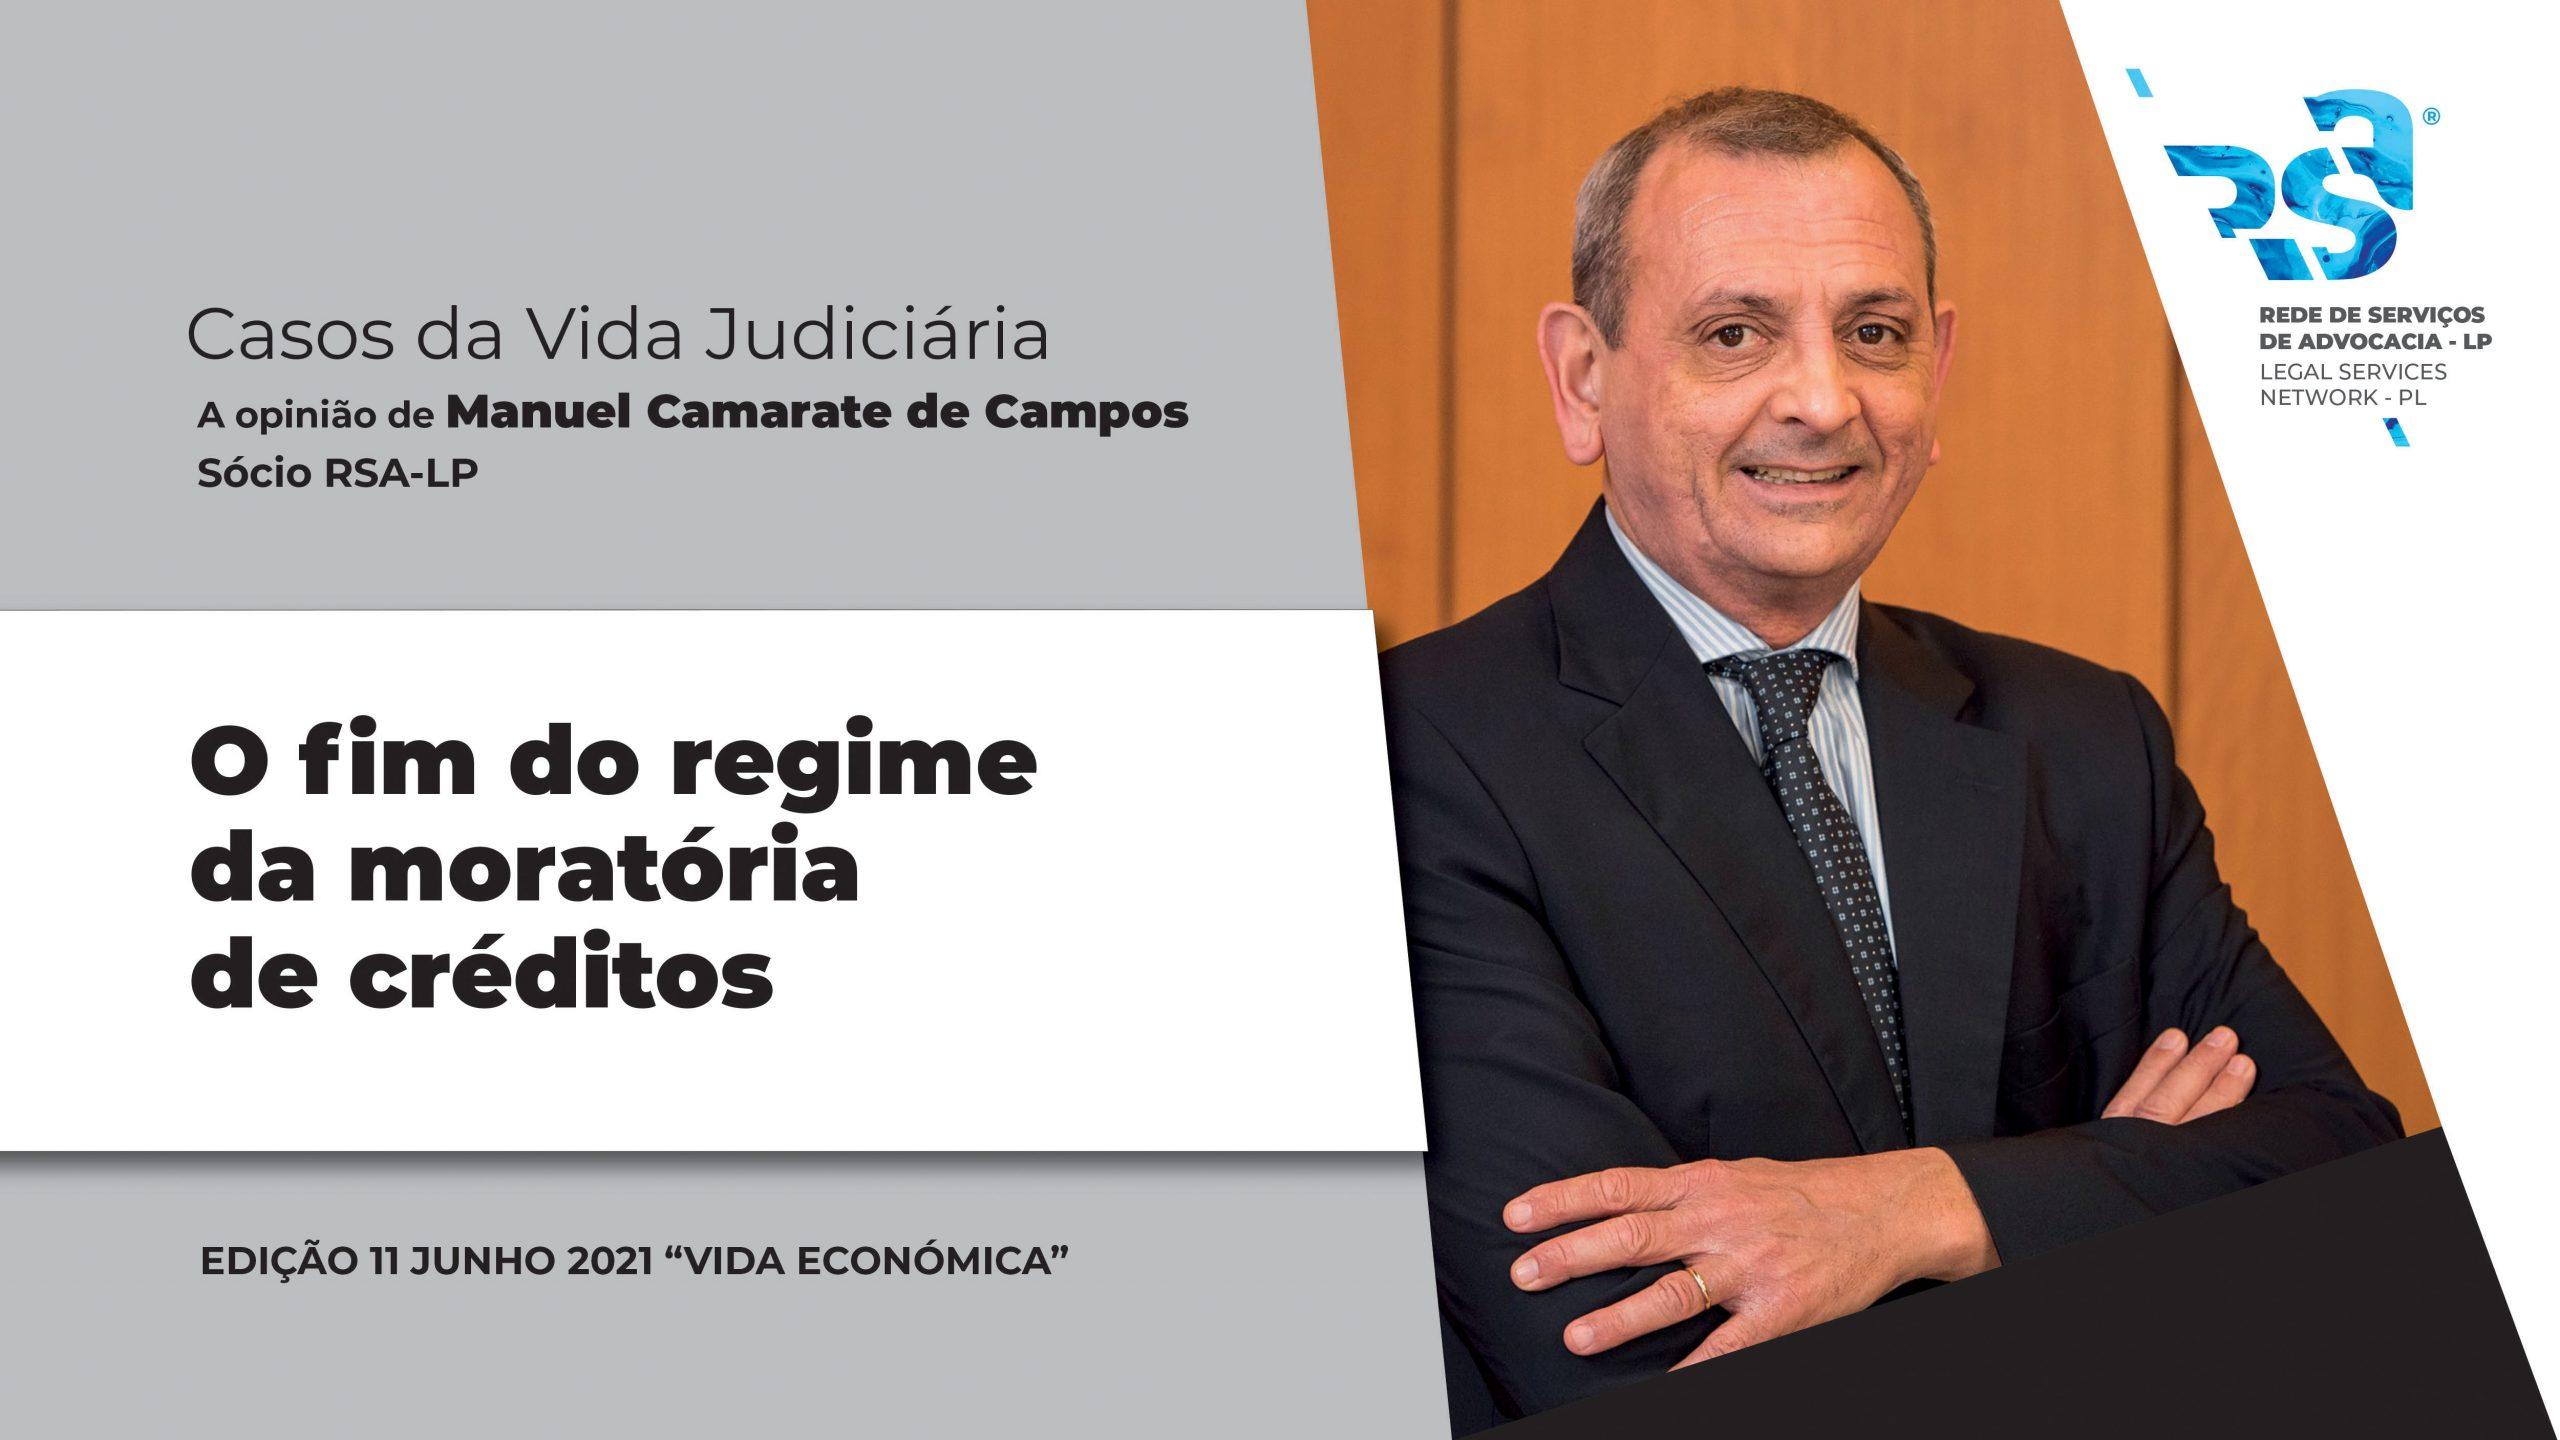 O fim do regime da moratória de créditos, Manuel Camarate Campos